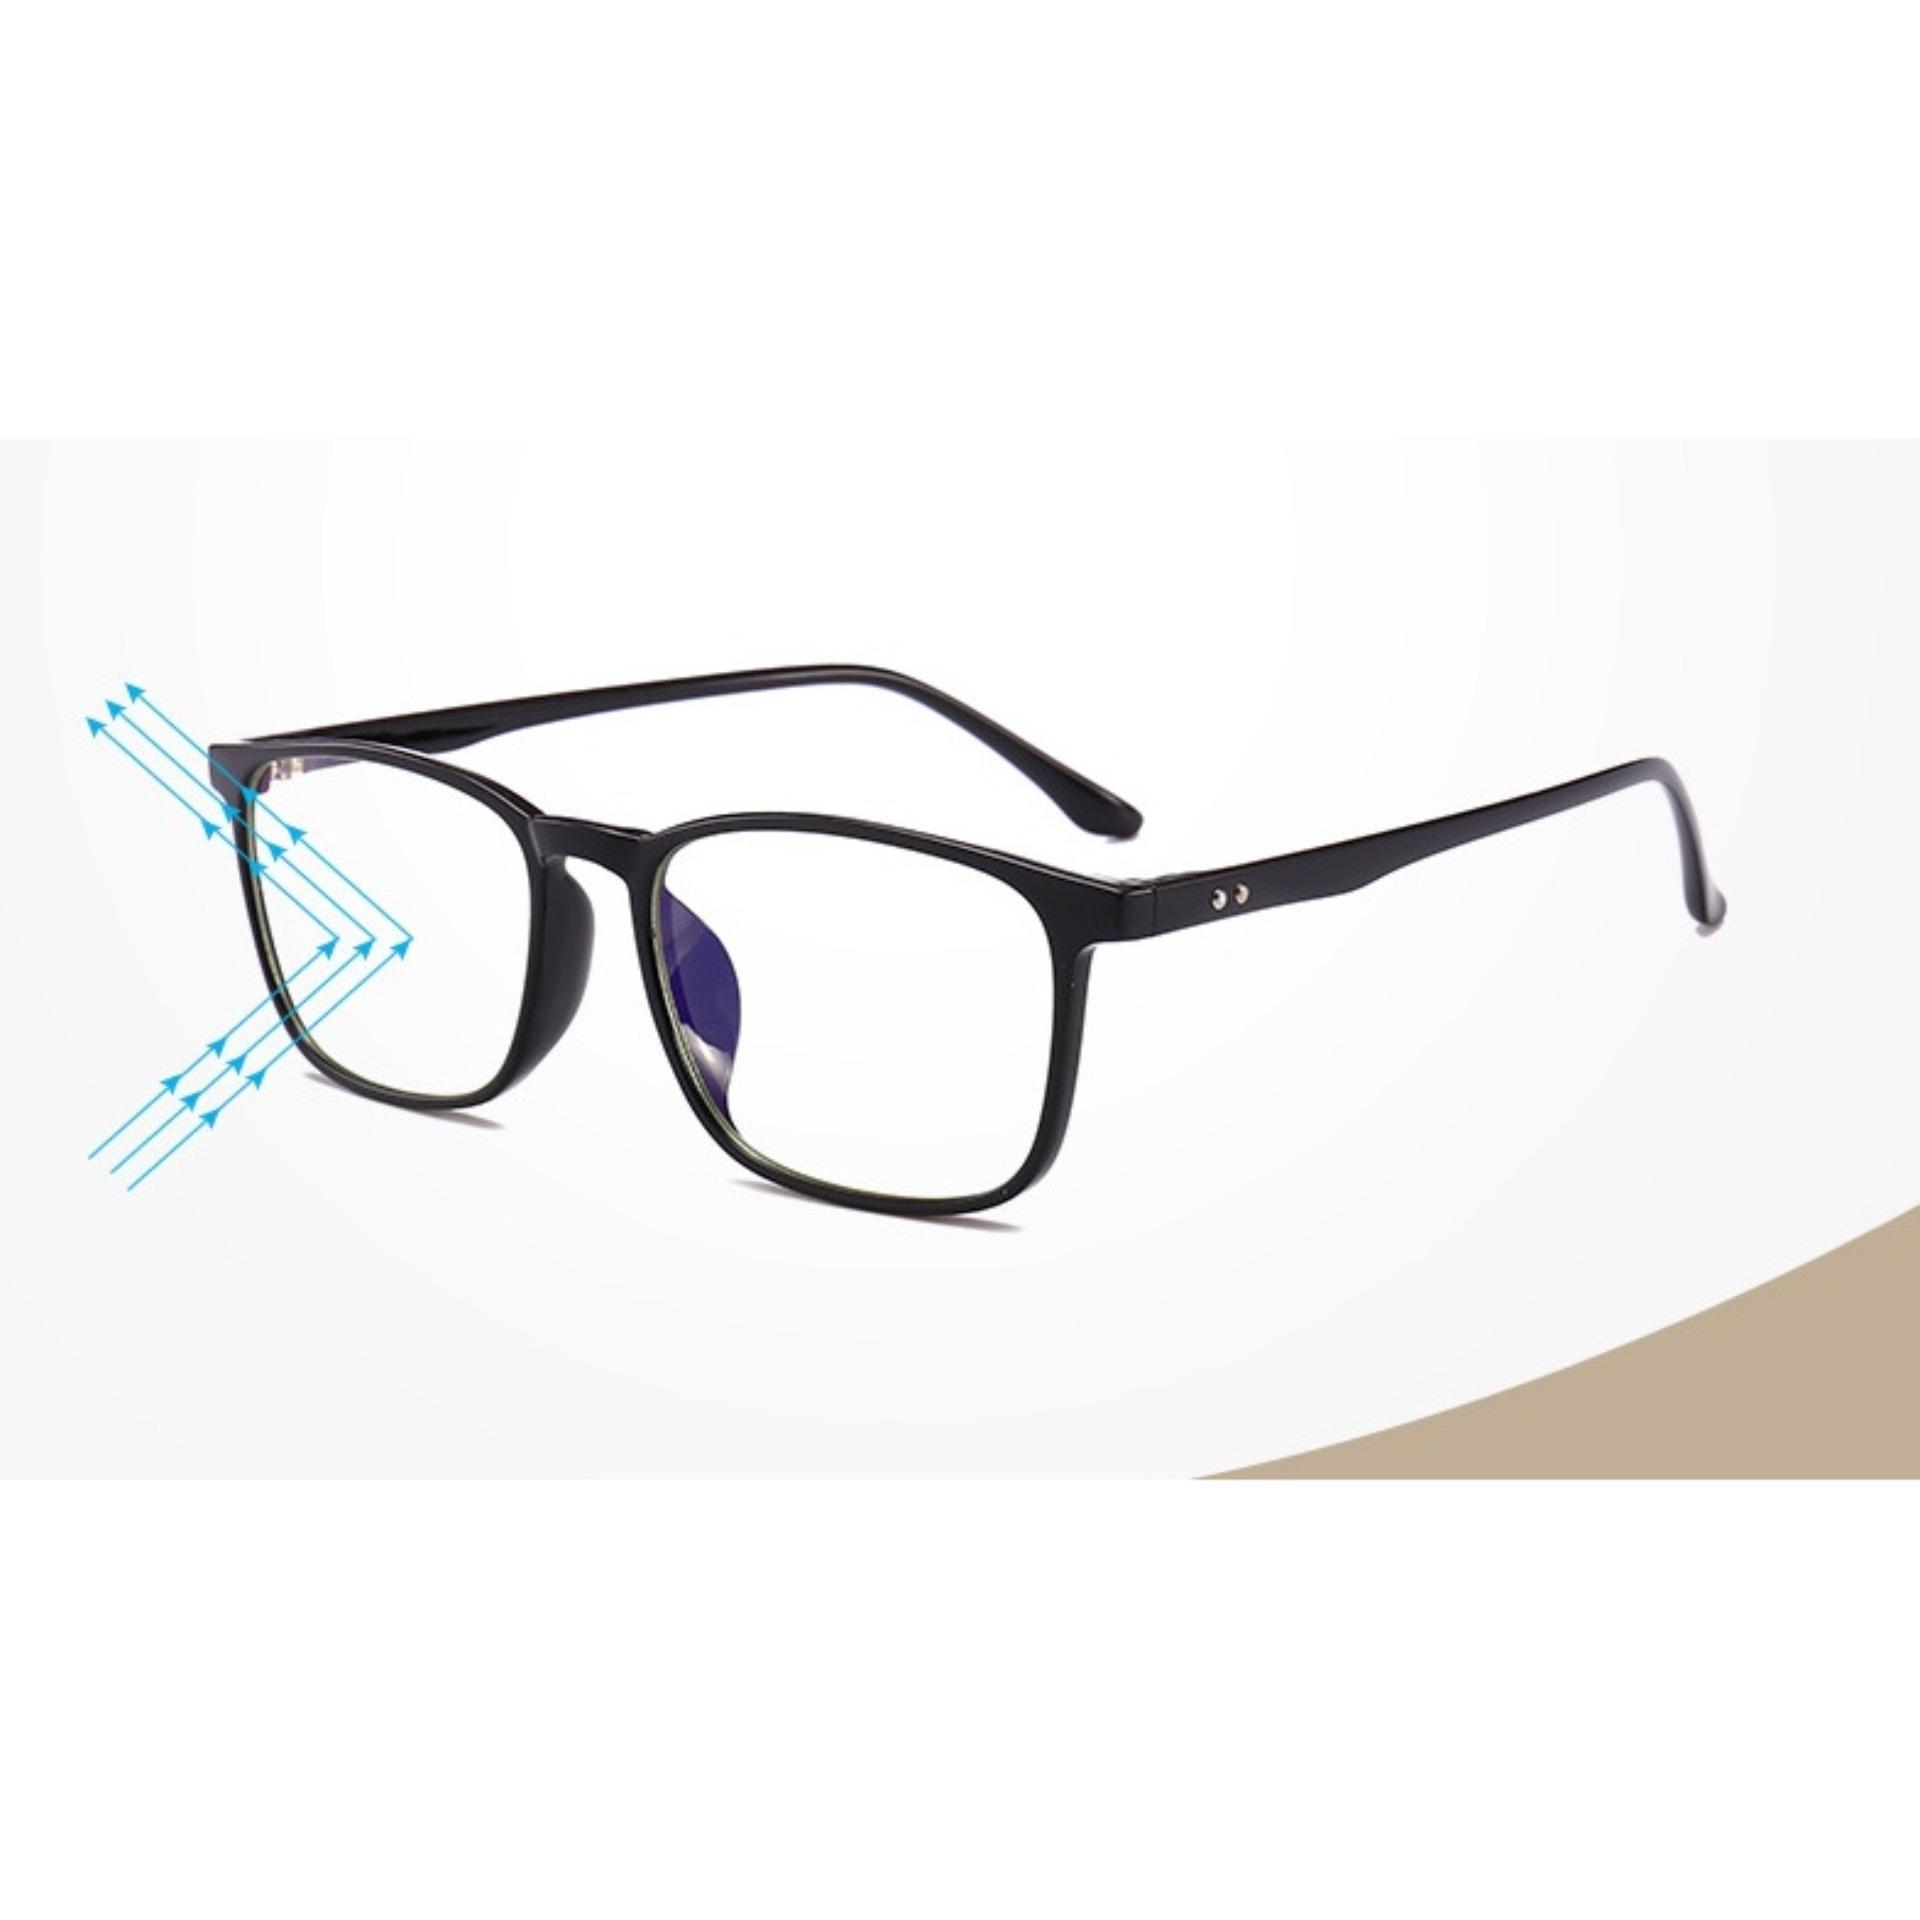 Hình ảnh JK Silver - kính cận nam nữ chống ánh sáng xanh-Us Design K041811 gọng đen nhám cao cấp mẫu mới 2018